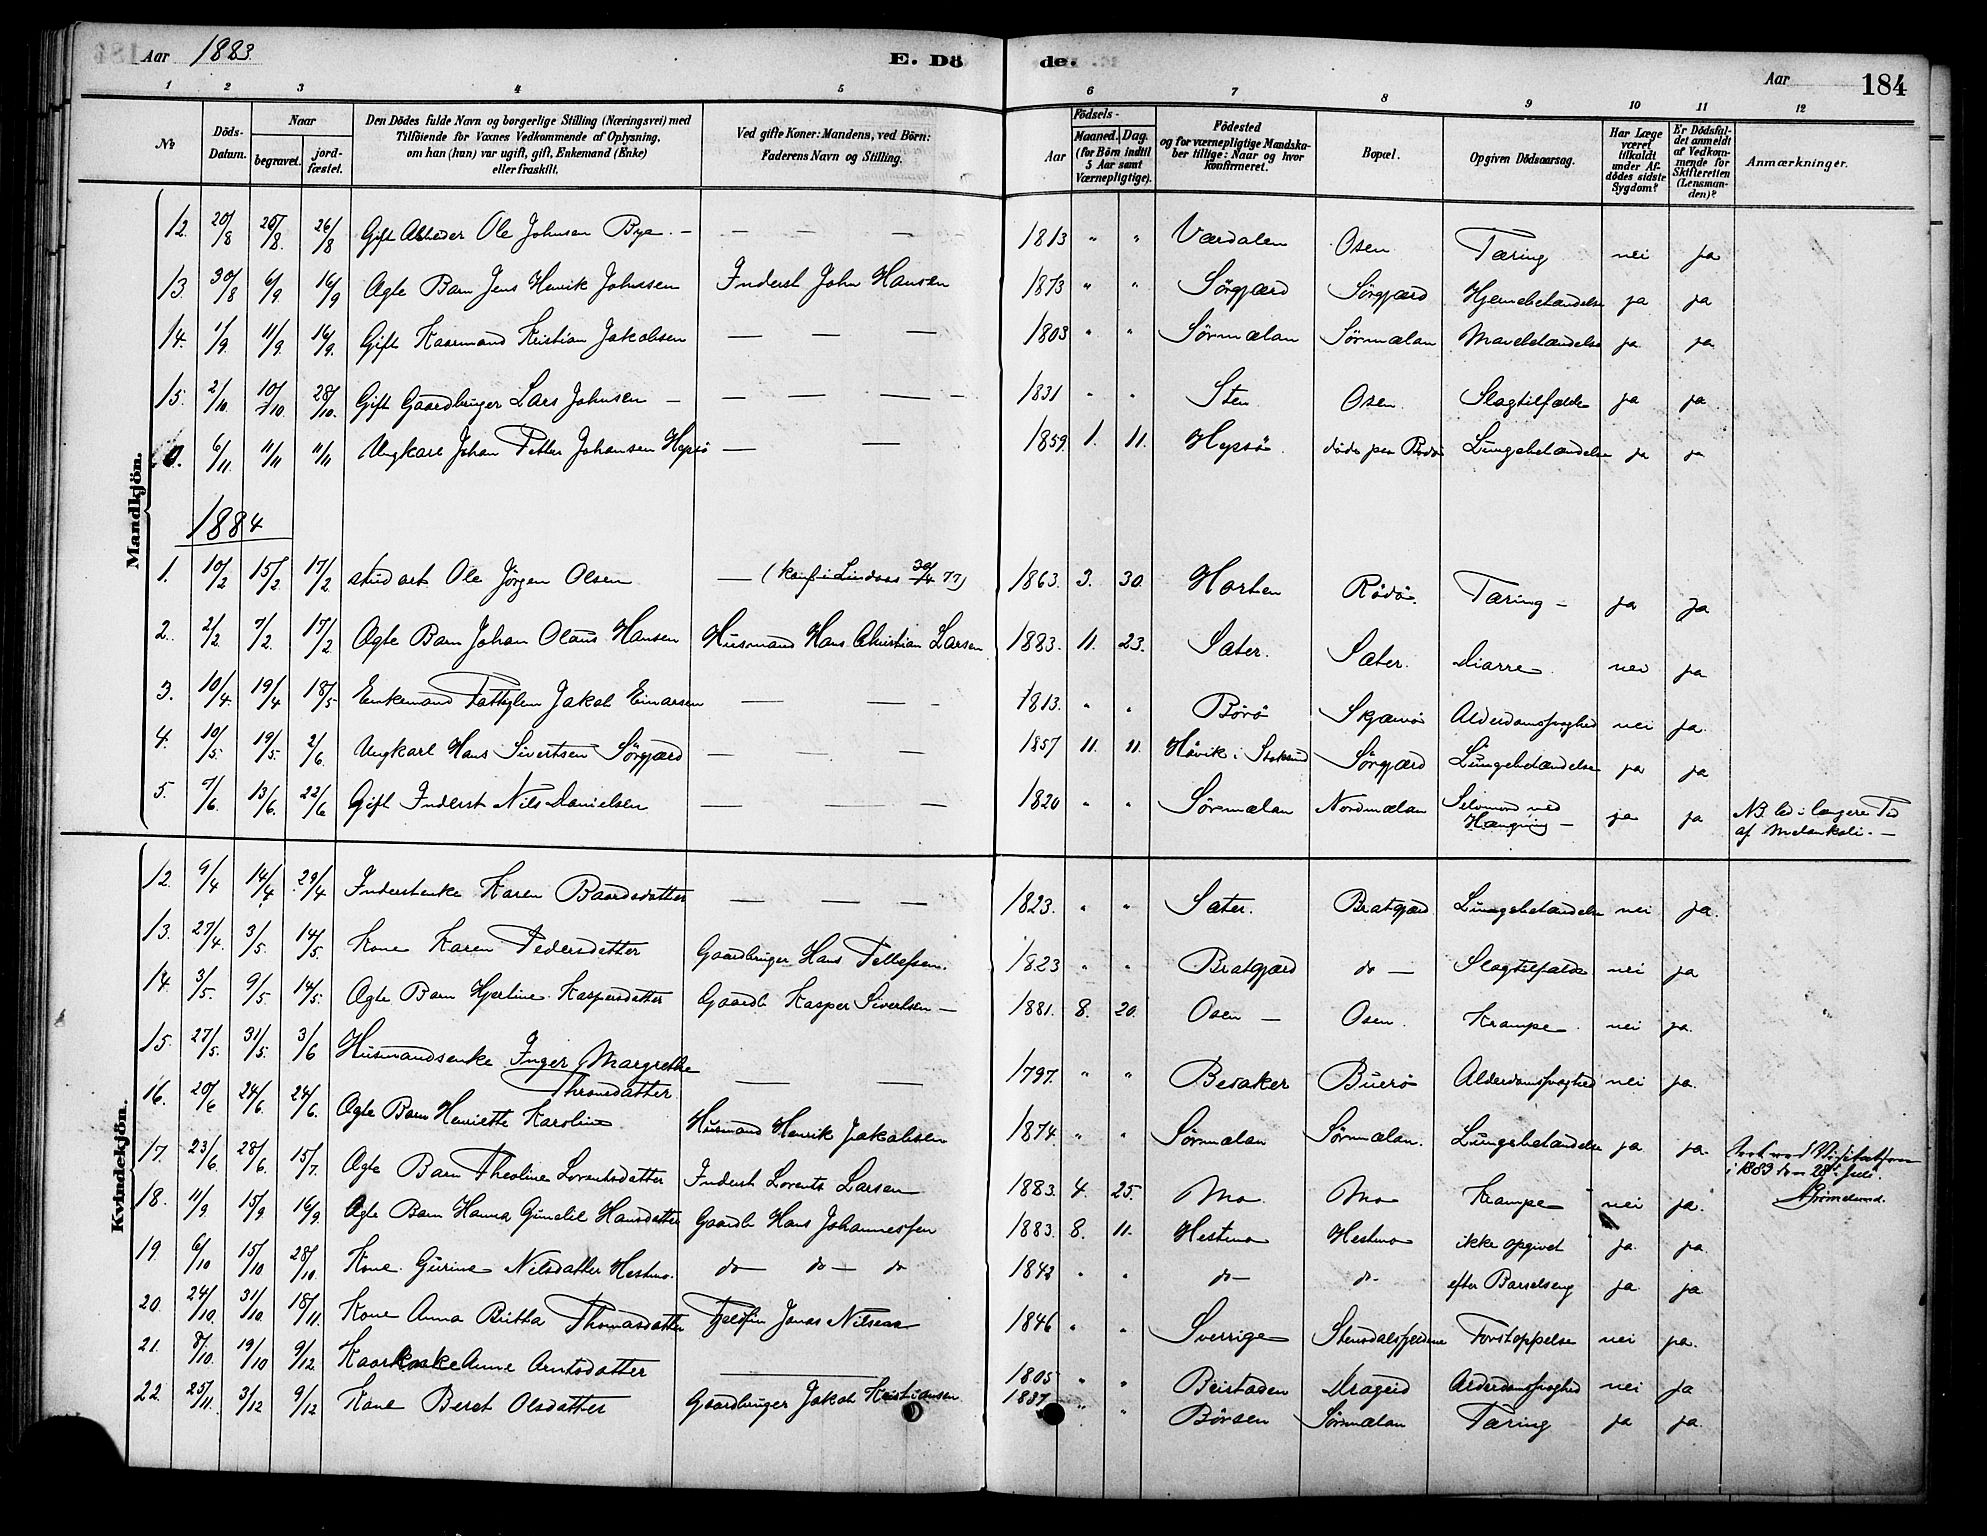 SAT, Ministerialprotokoller, klokkerbøker og fødselsregistre - Sør-Trøndelag, 658/L0722: Ministerialbok nr. 658A01, 1879-1896, s. 184